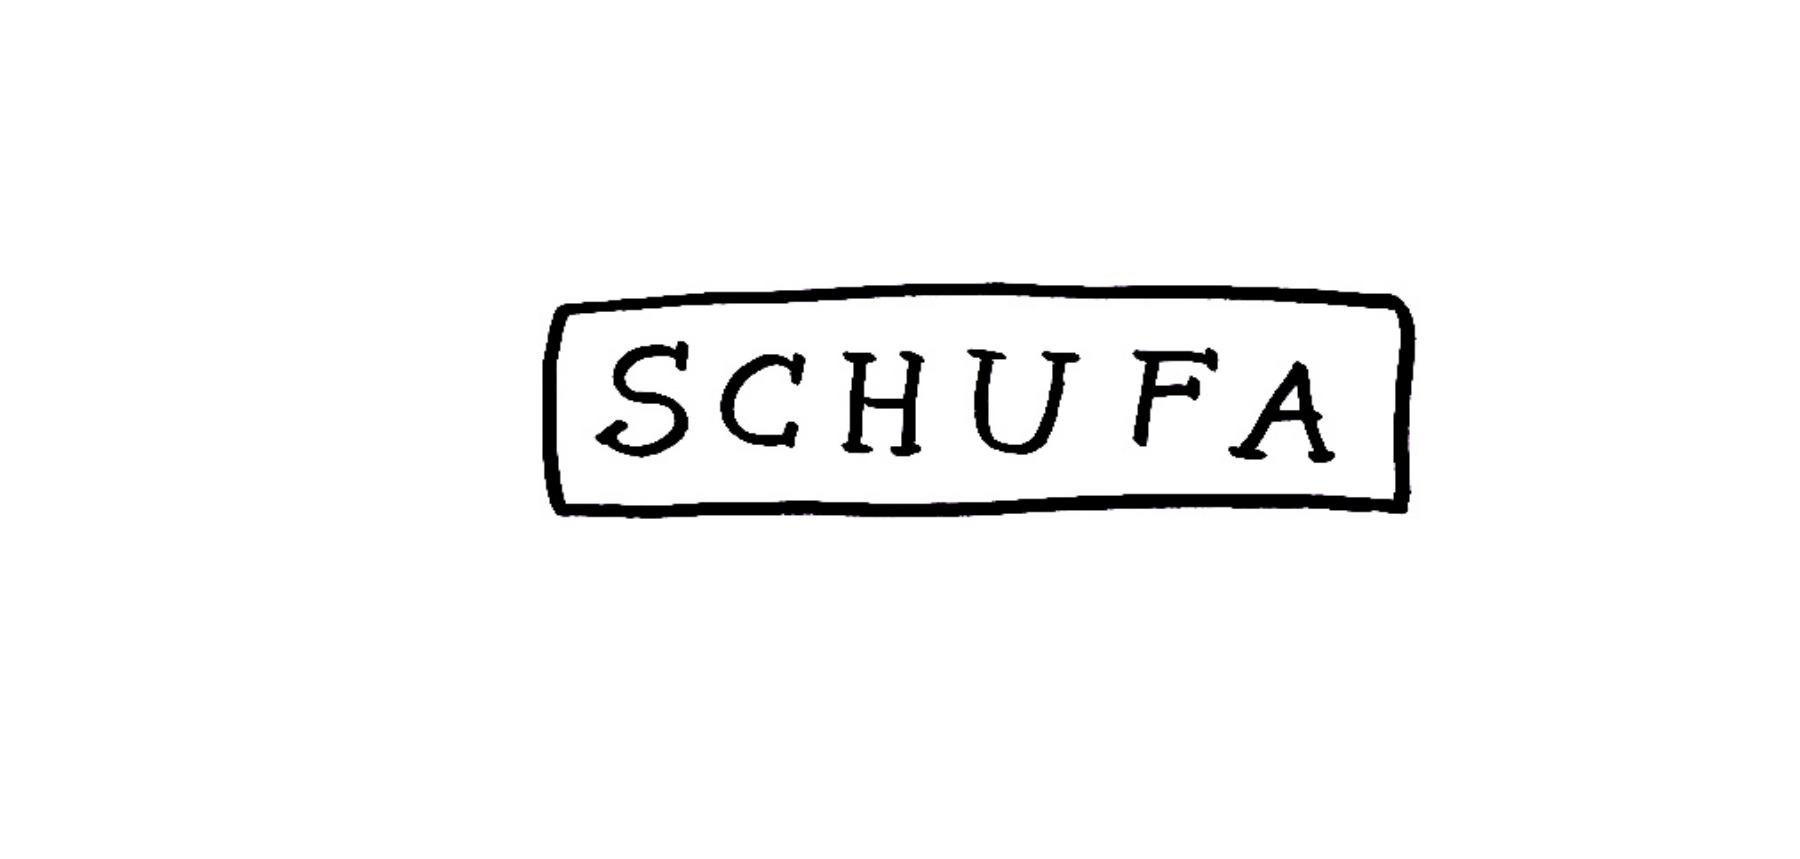 Der Kredit Ohne Ksv Schufa In österreich Das Müssen Sie Wissen